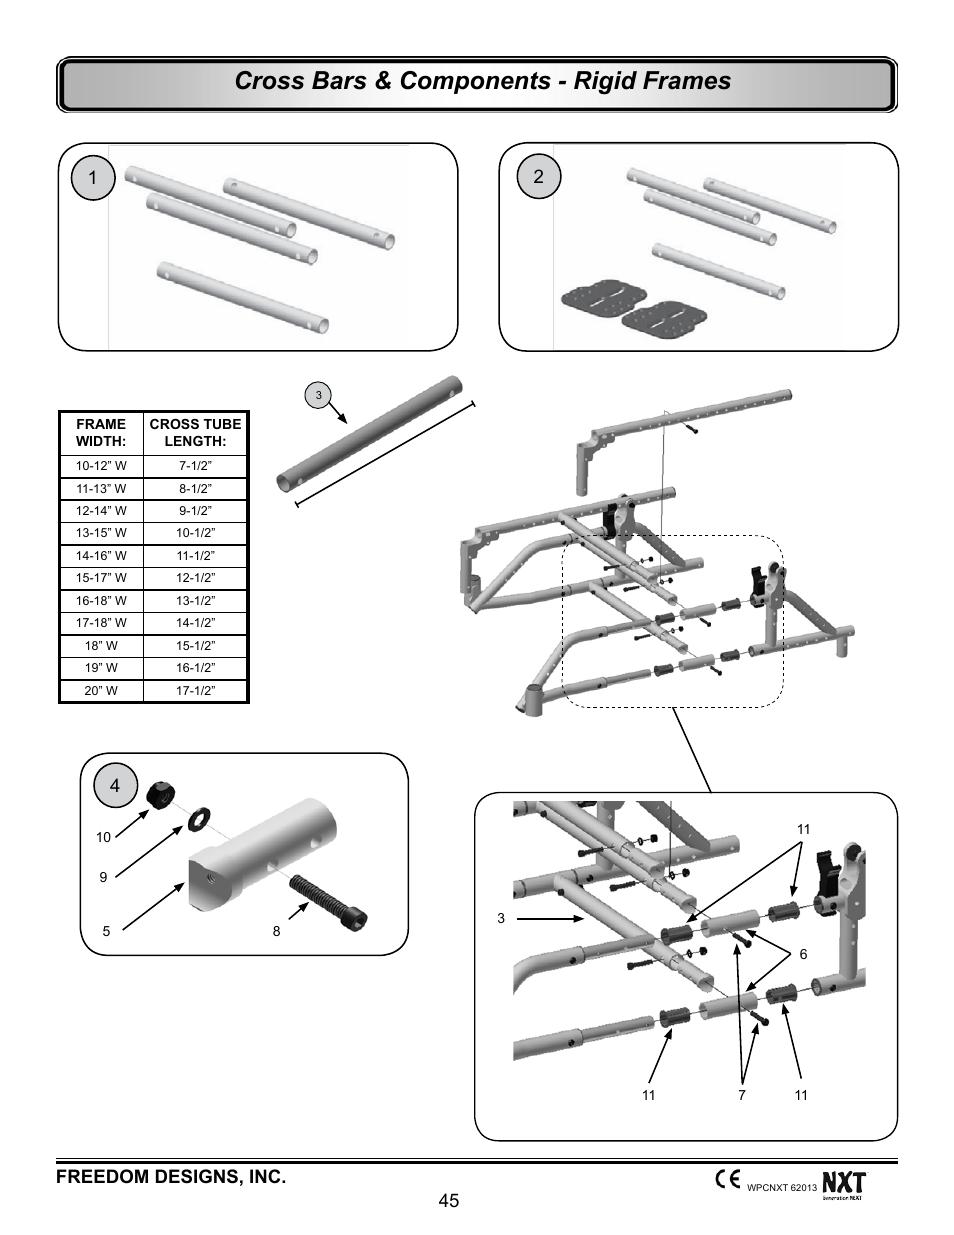 Cross bars - rigid frames, Cross bars & components - rigid frames ...